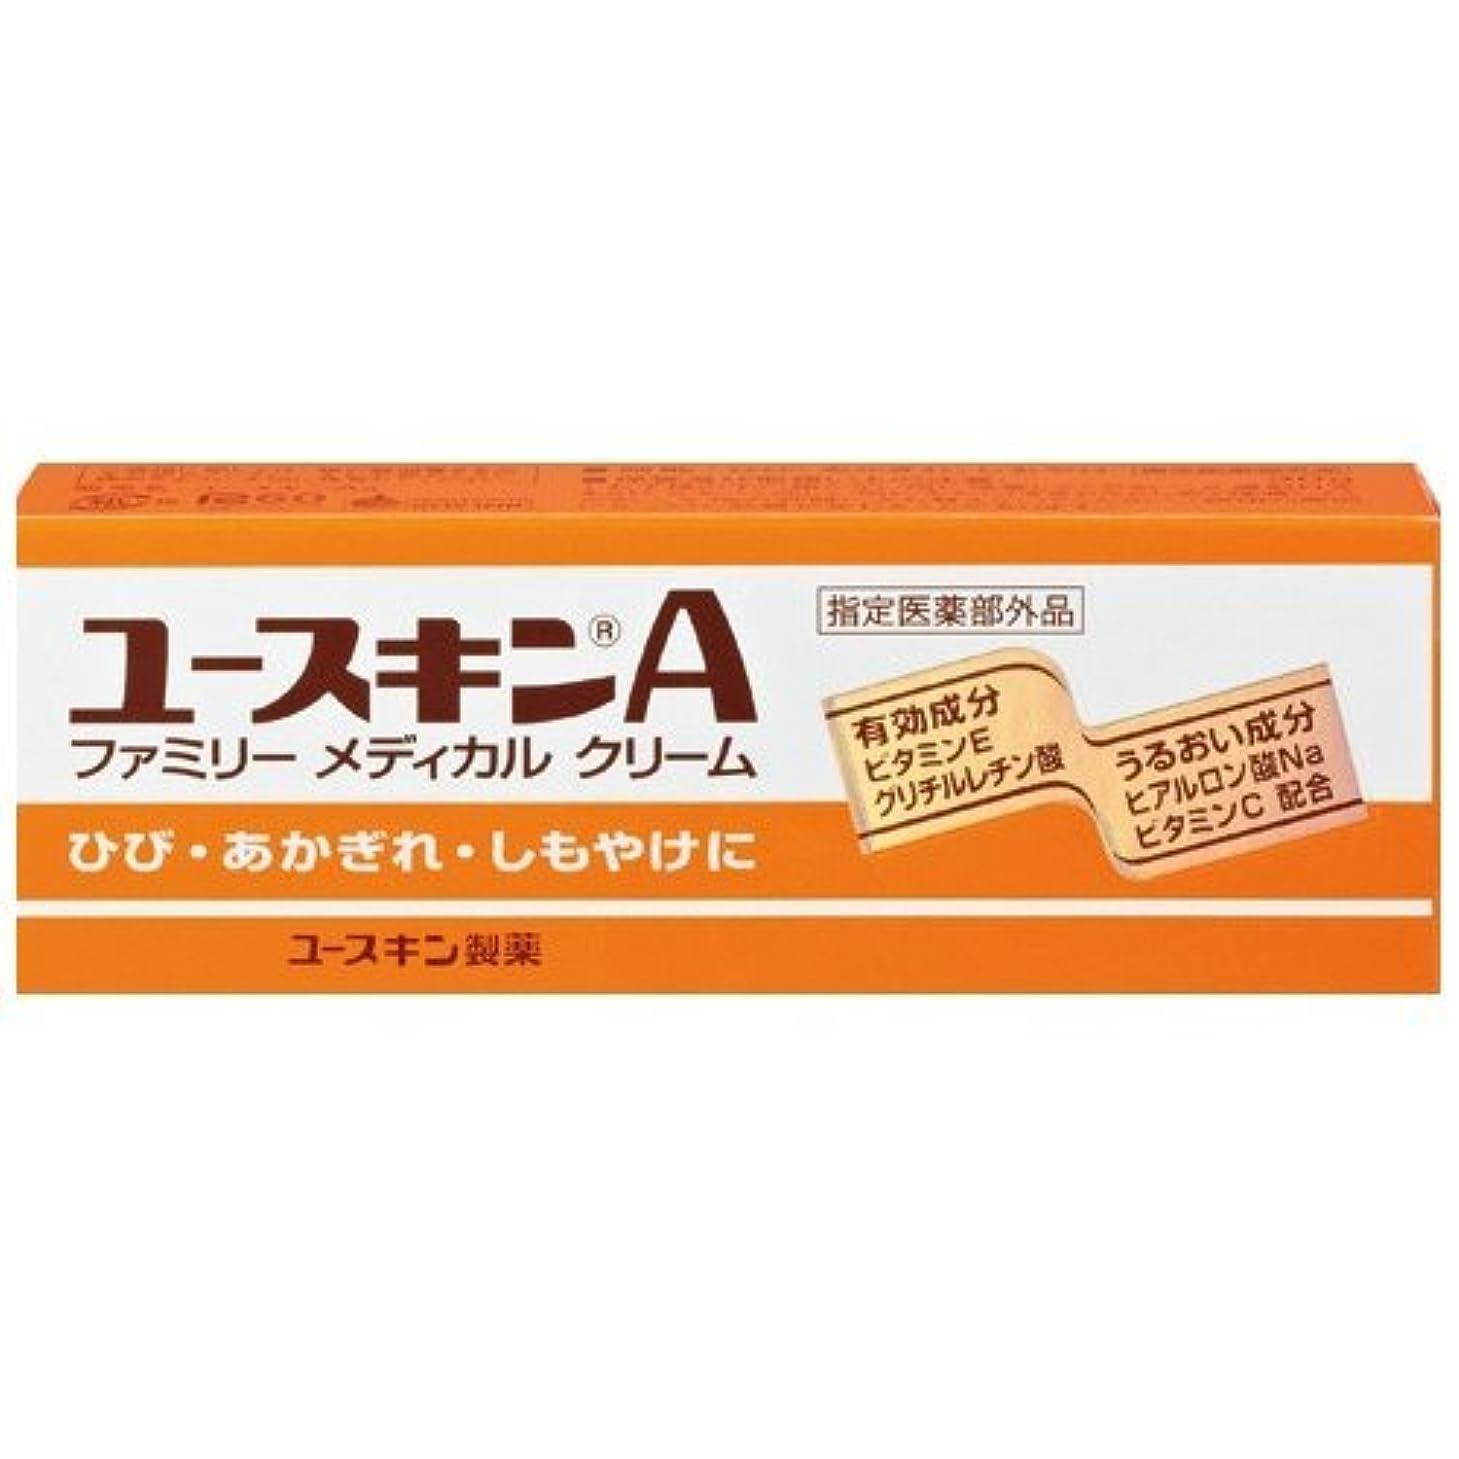 ビルダー作成する種ユースキンA 30g (手荒れ かかと荒れ 保湿クリーム)【指定医薬部外品】